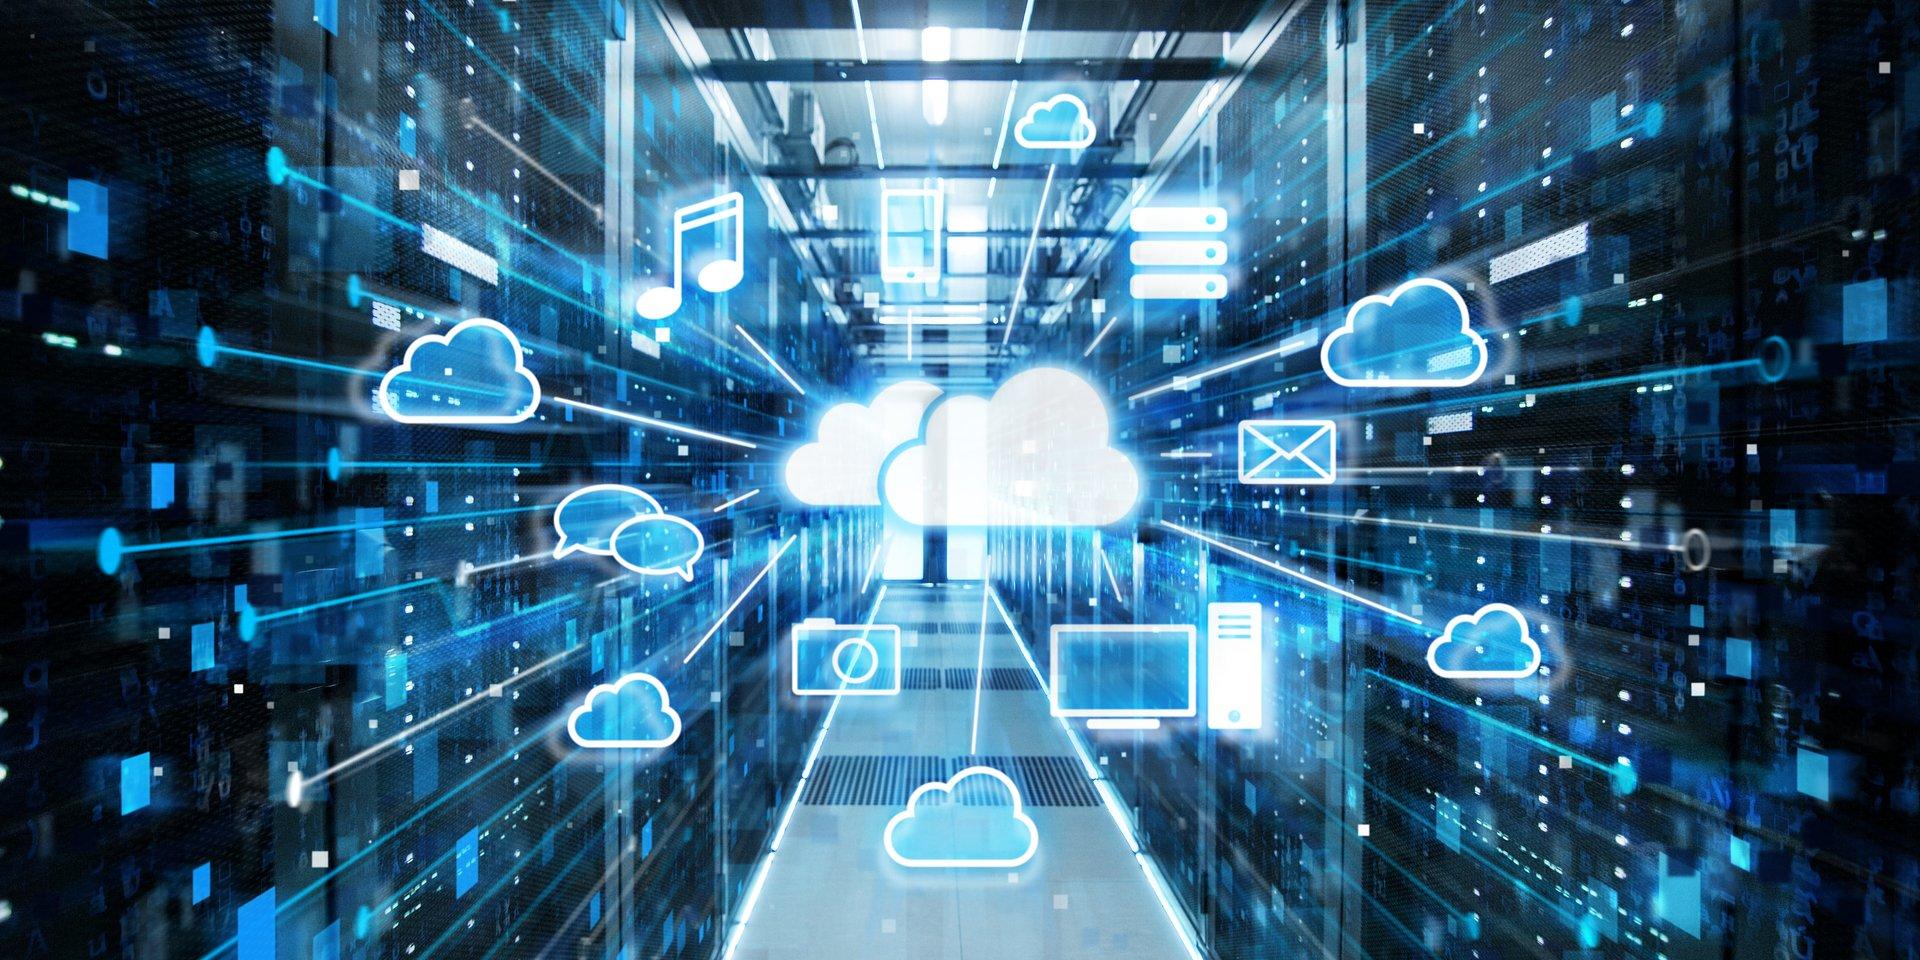 Chmura Krajowa pomaga łączyć zdalnie lekarzy i pacjentów na platformie Teleporada